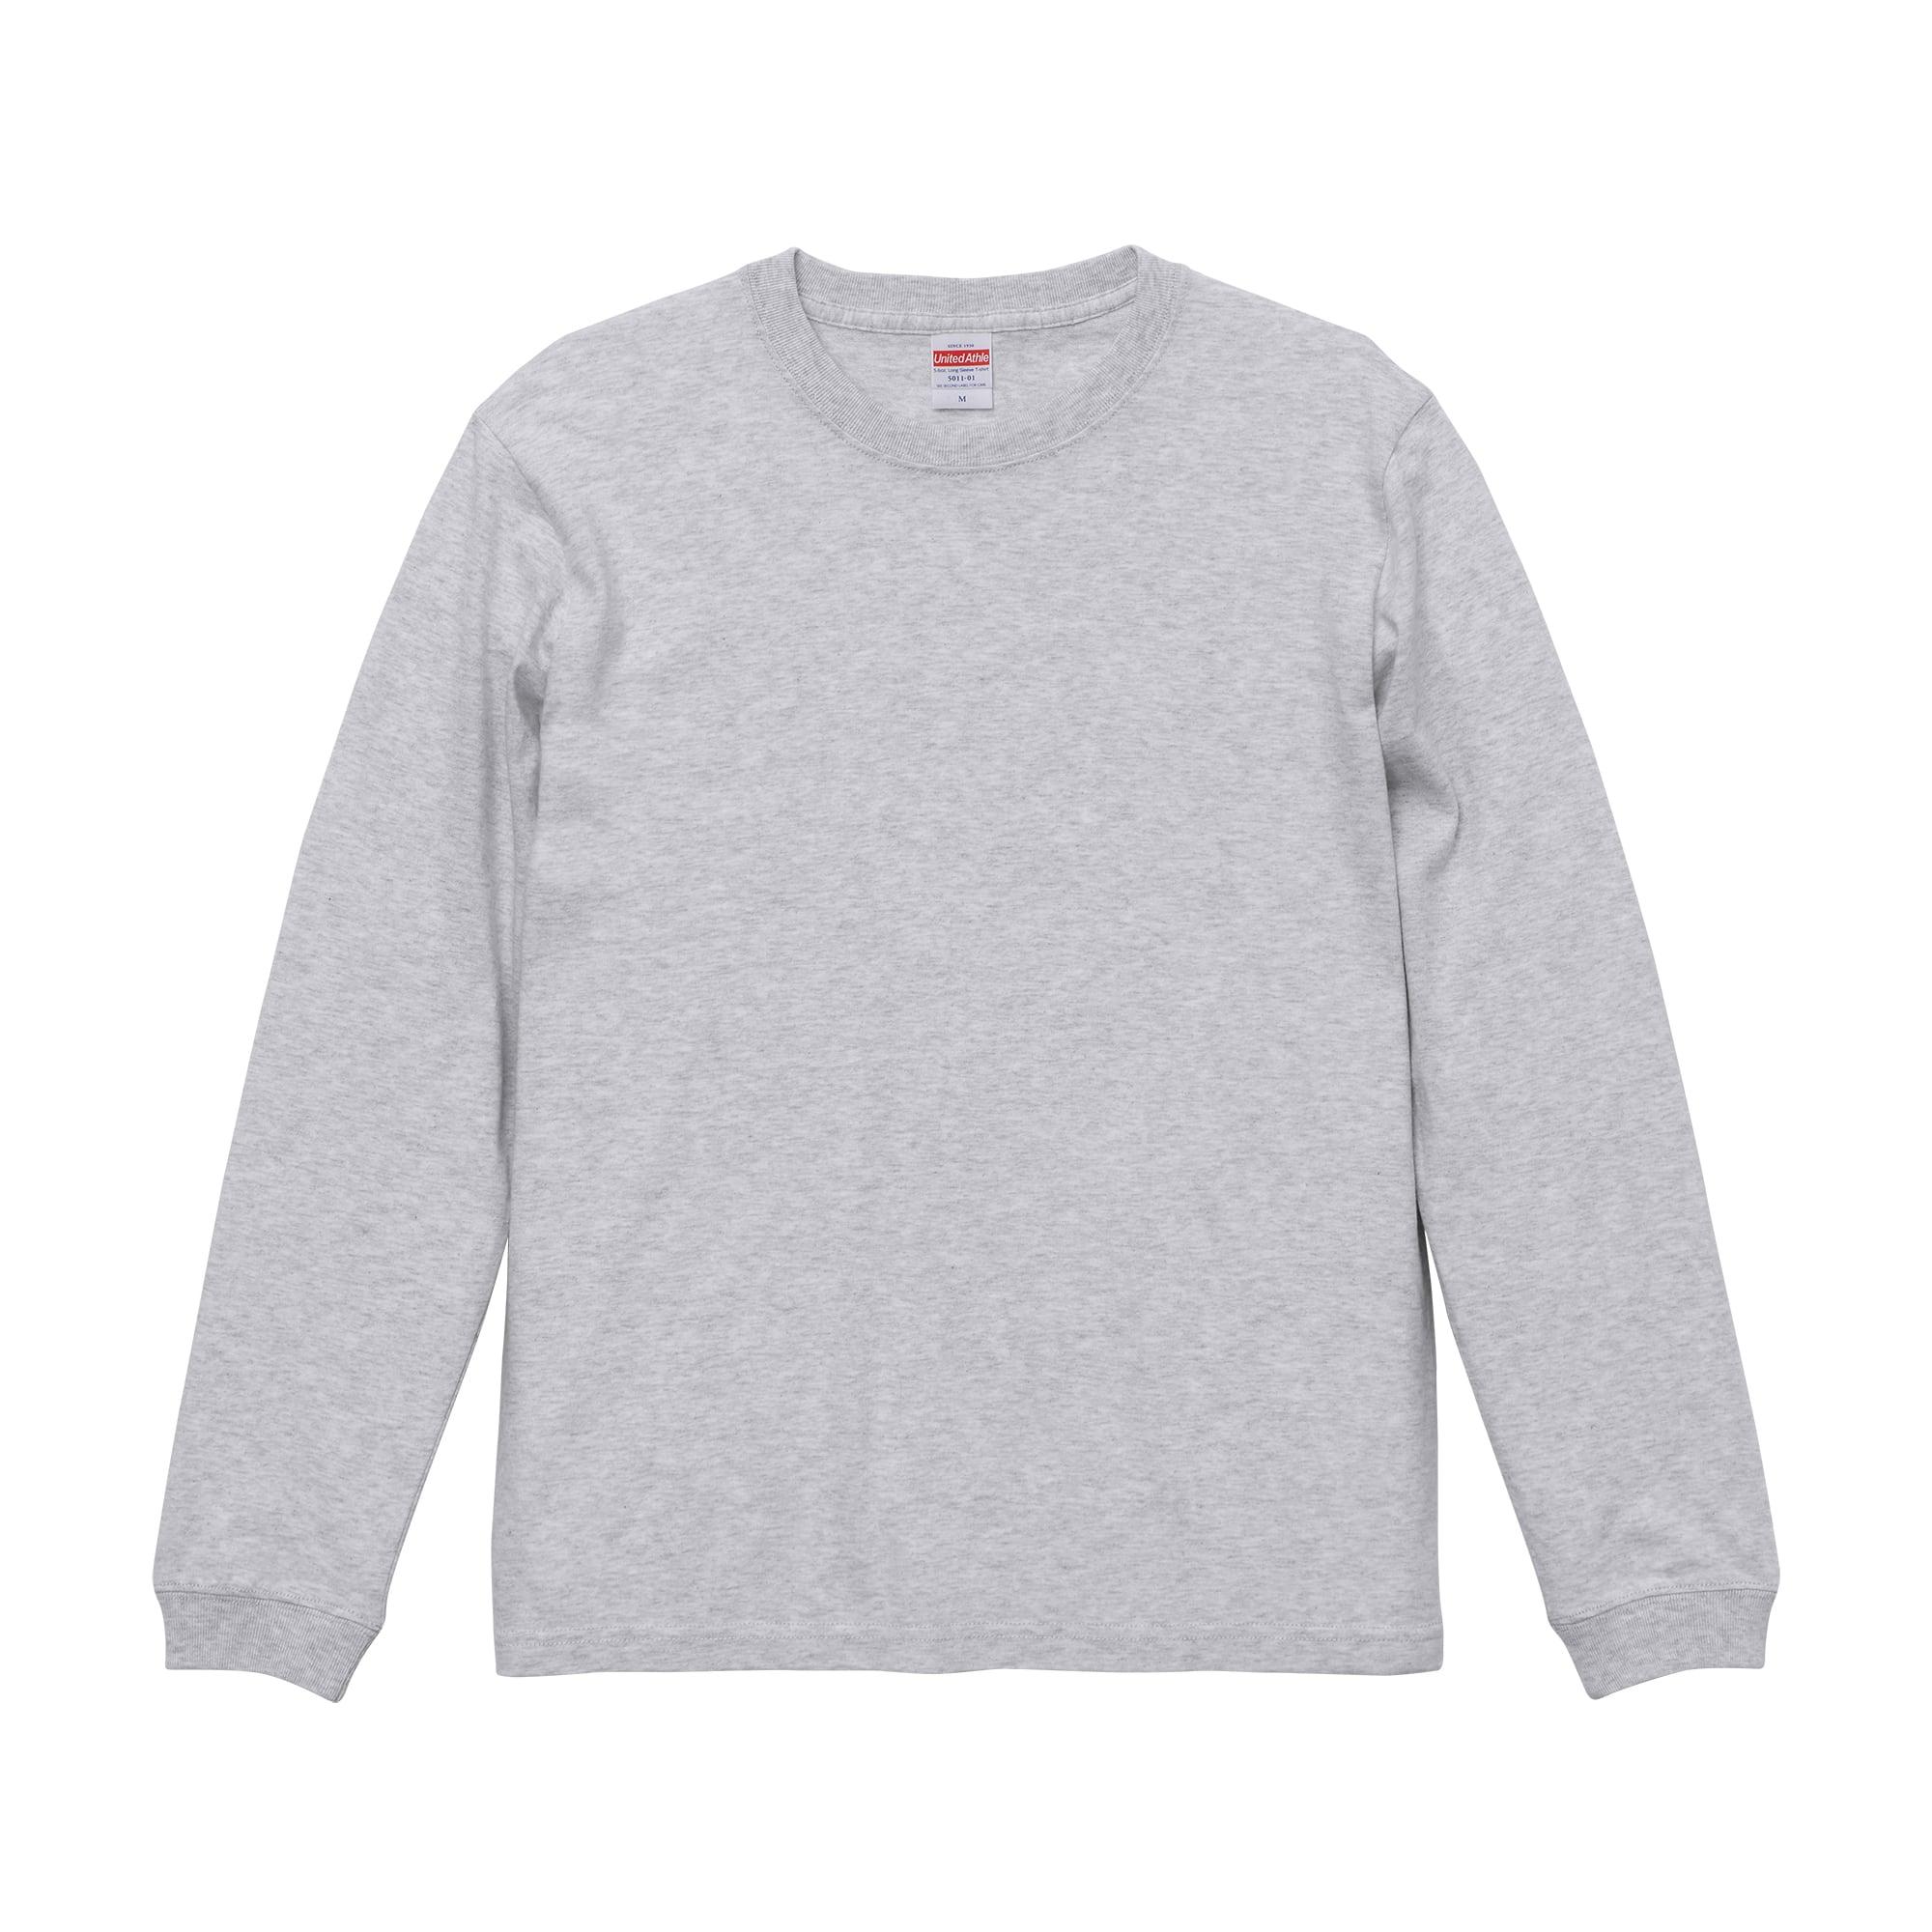 デザインチョイス 長袖5.6オンス ロングスリーブ Tシャツ(1.6インチリブ)